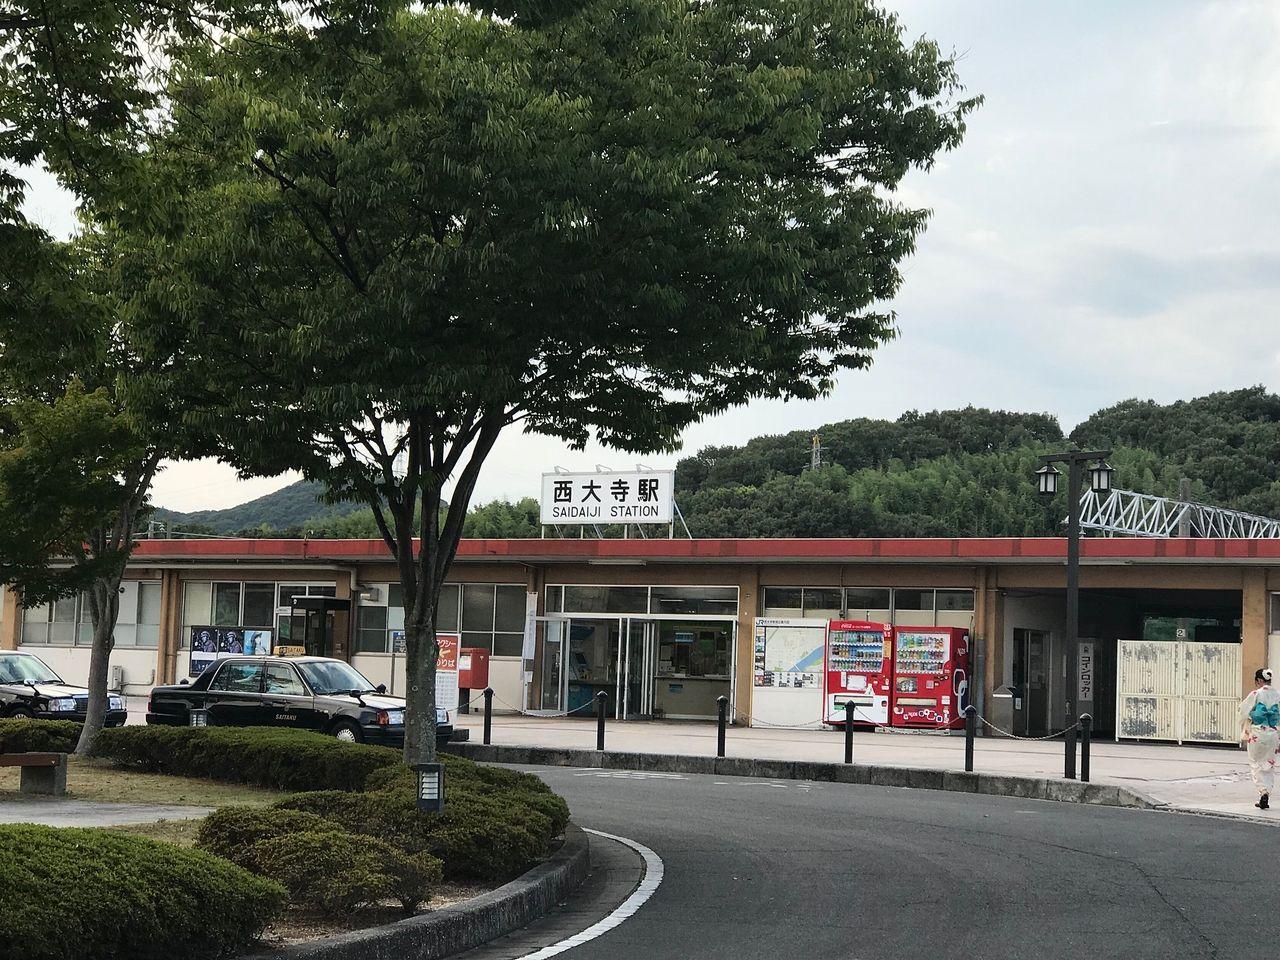 庭瀬駅・妹尾駅・上道駅・玉柏駅・備中高松駅・足守駅などにもパークアンドライド駐車場があります